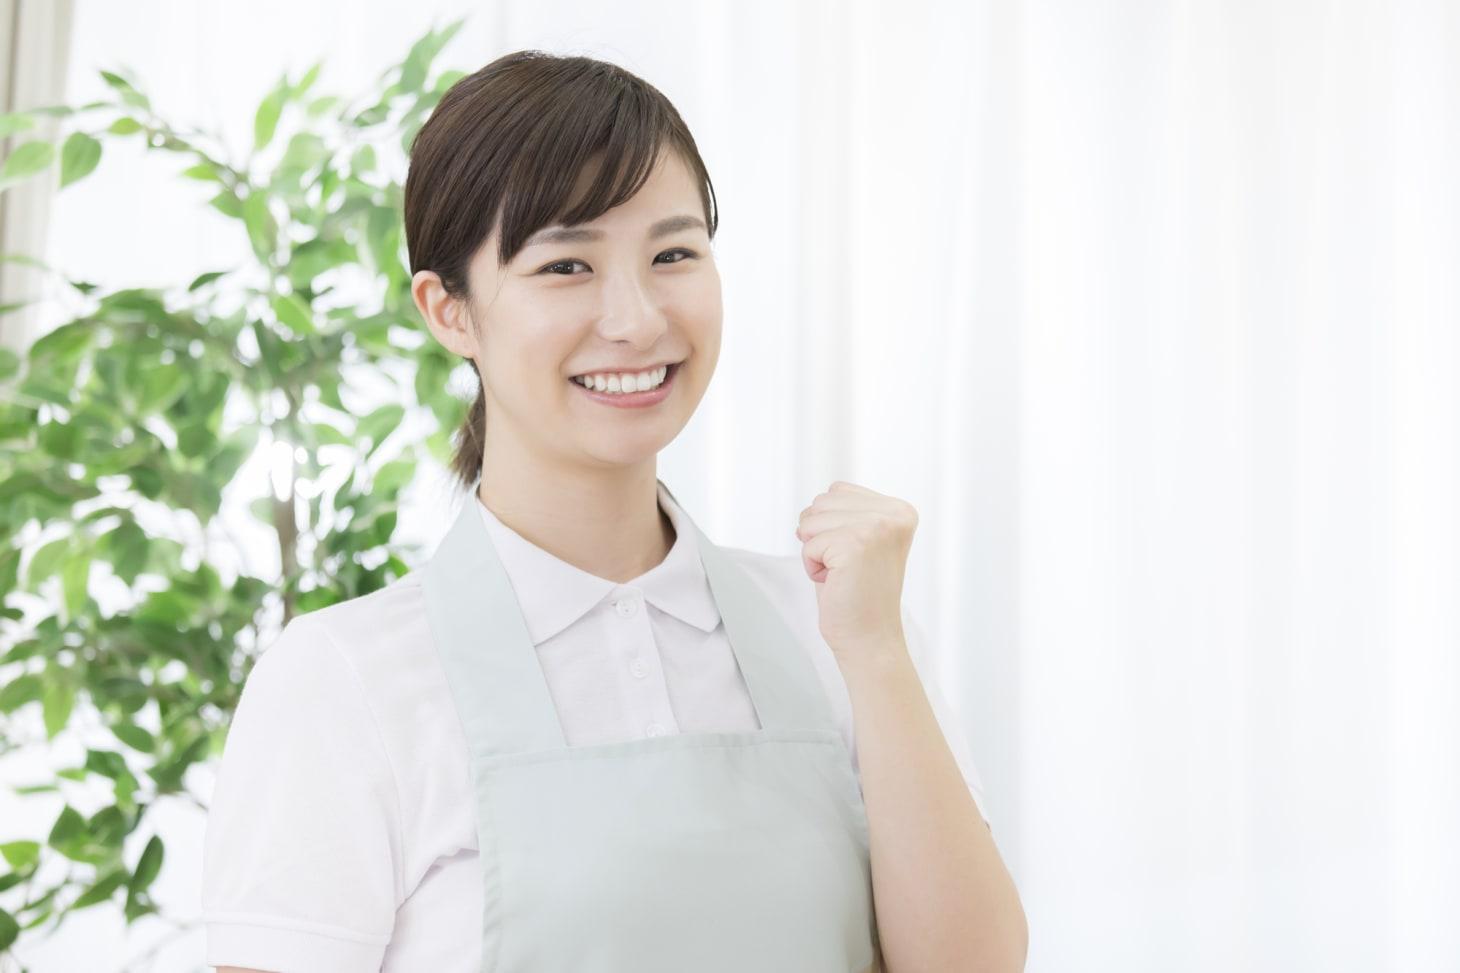 介護職員初任者研修を修了すると就職に有利?具体的な就職先とは?